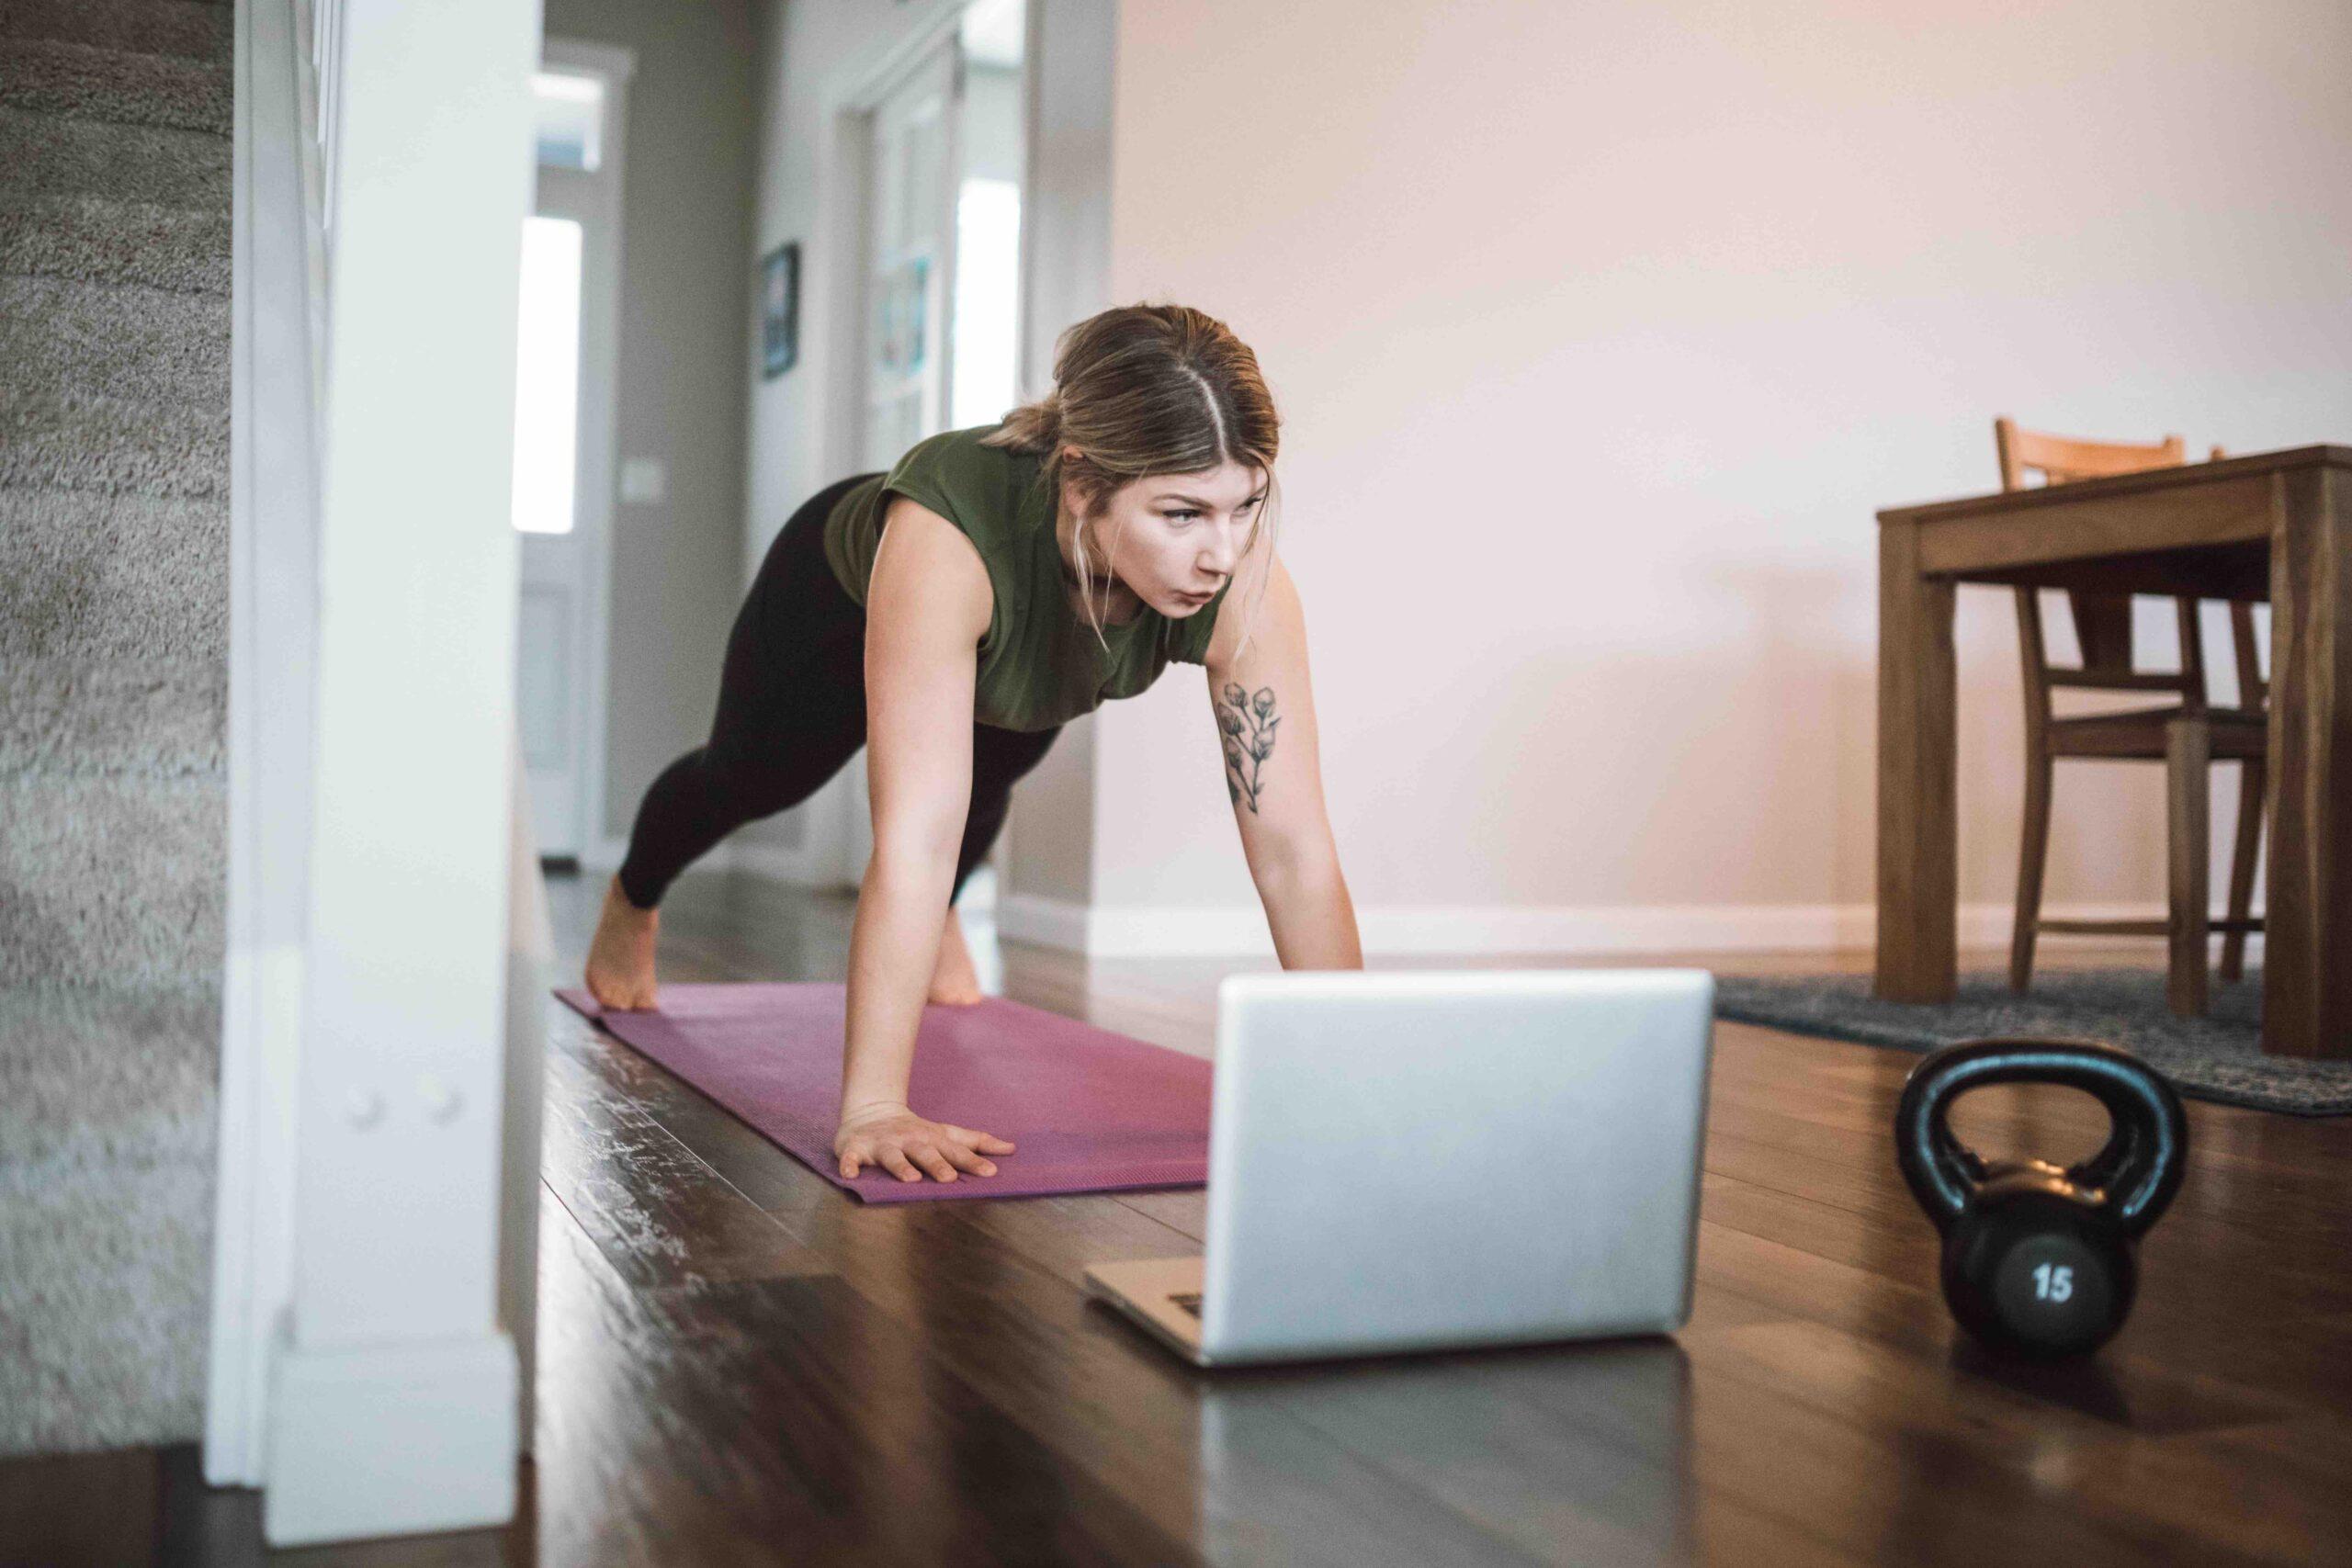 exi fitness app